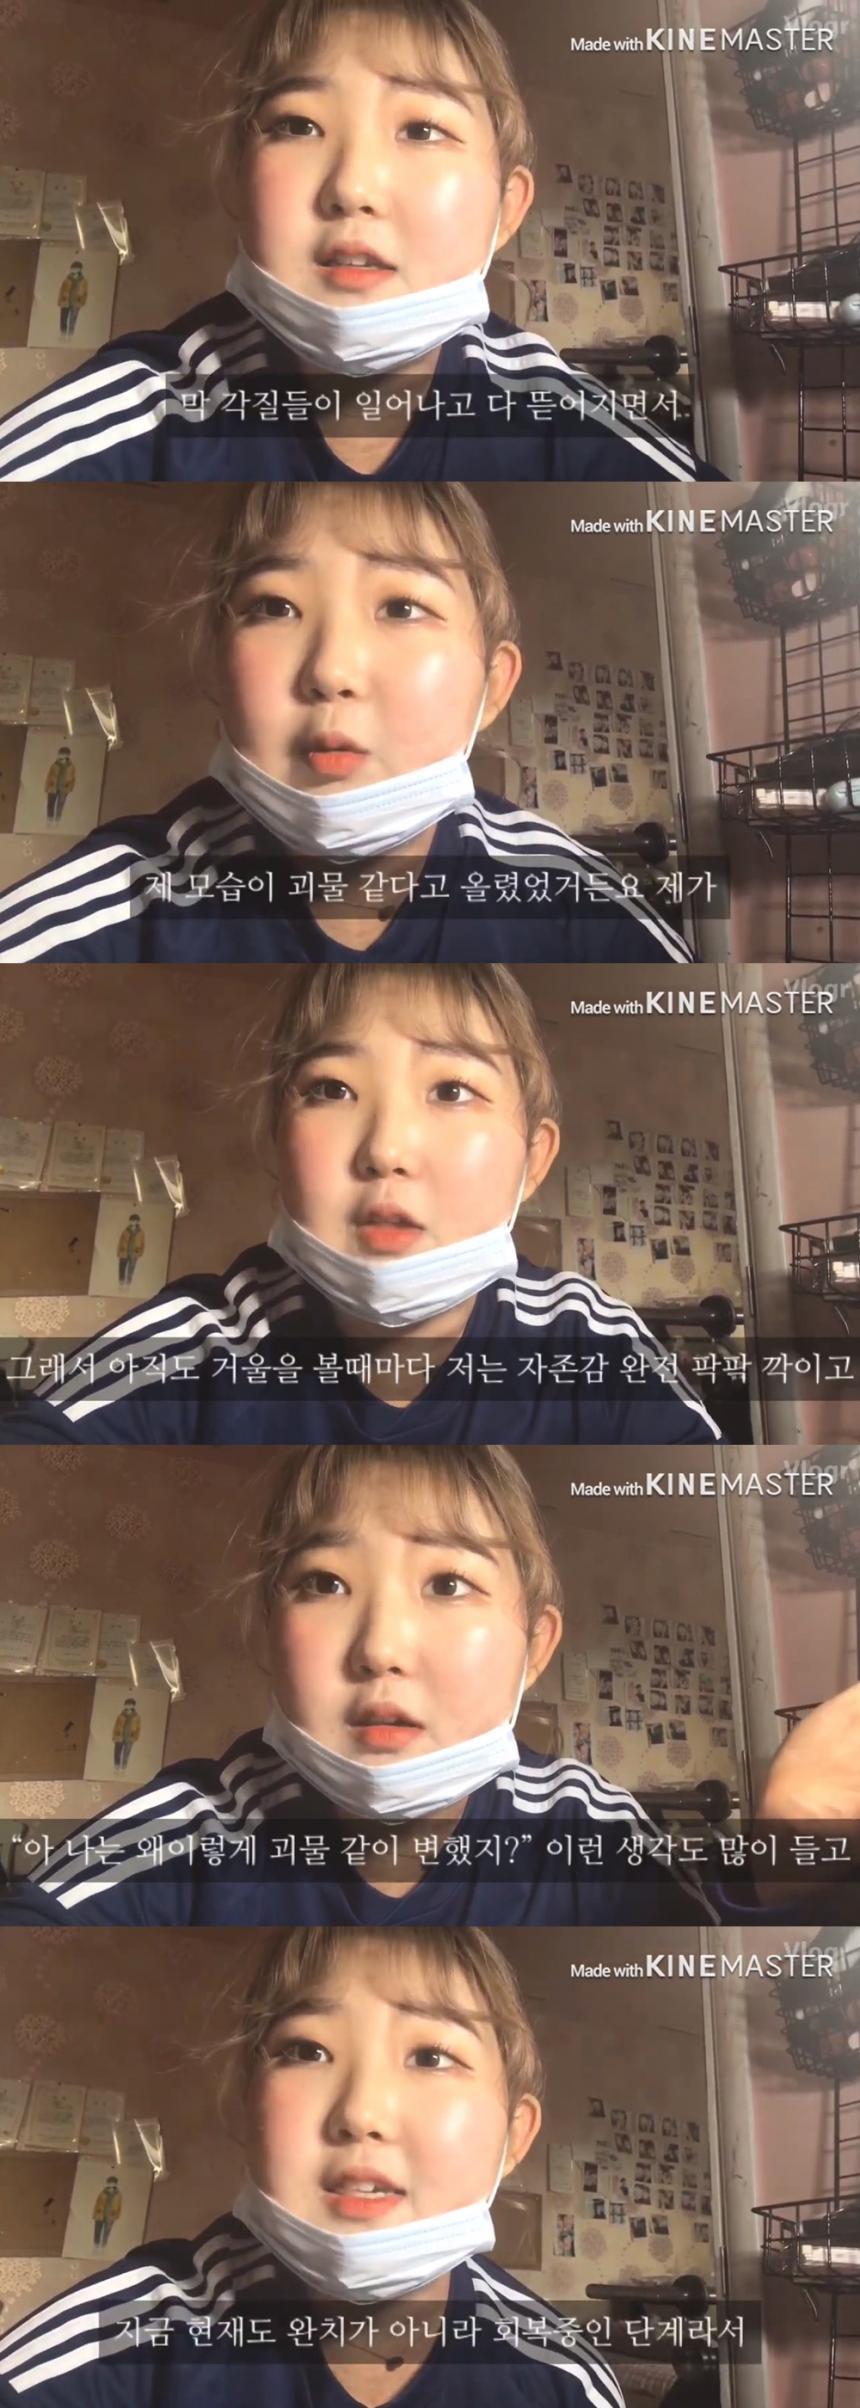 최준희 유튜브 영상 캡처